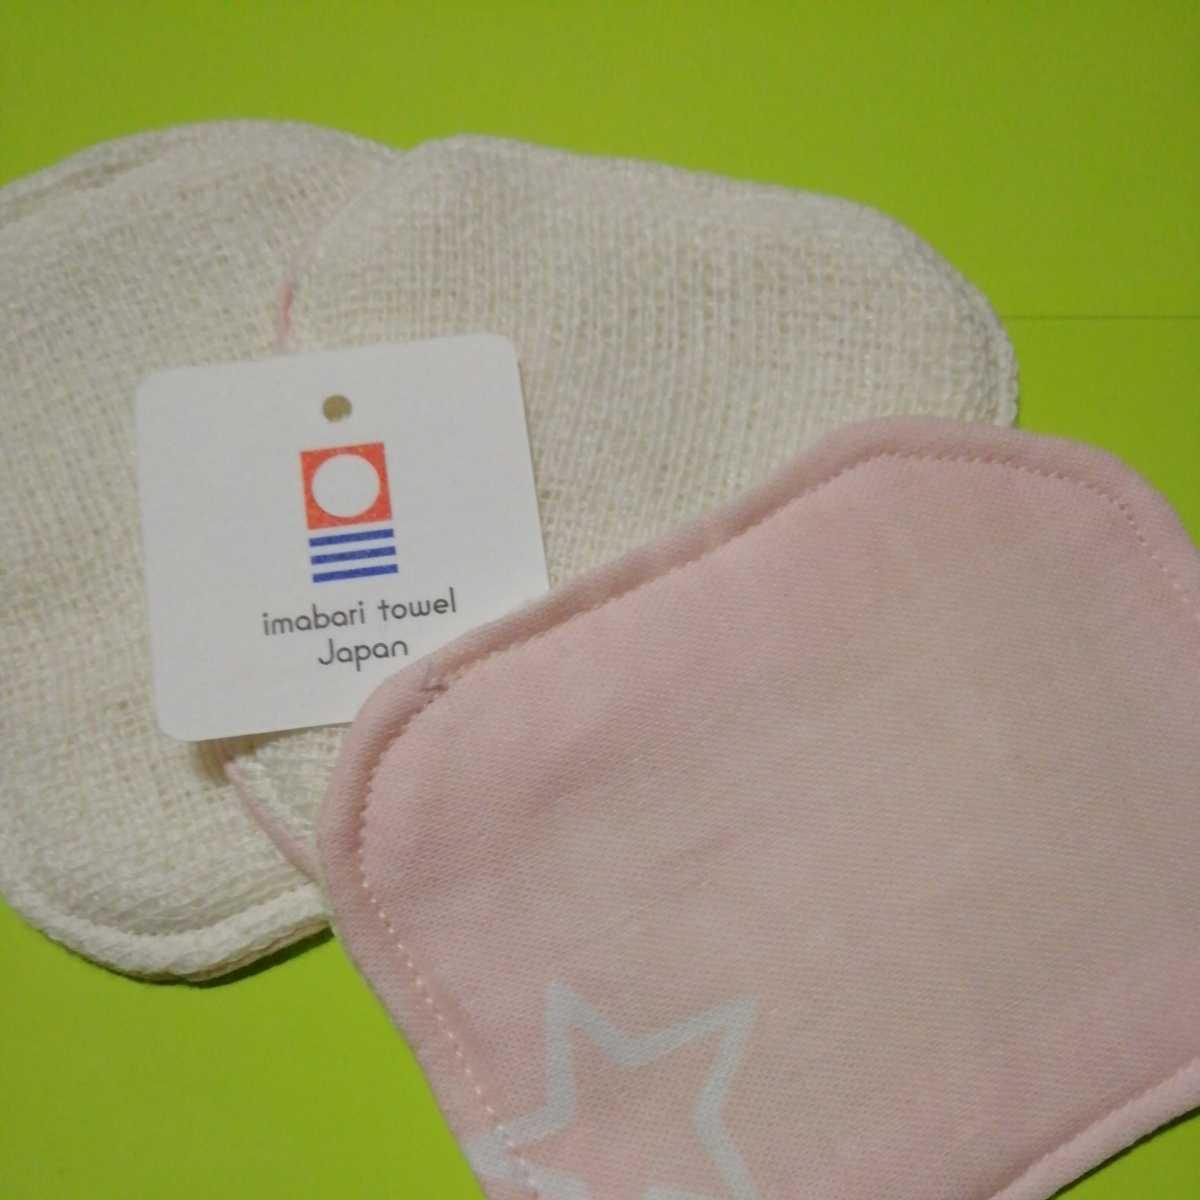 インナーマスク3枚 今治産ガーゼ使用 星ピンク1 洗濯可/超快適/汚れ防止/鼻水グチュグチュ対策 ハンドメイド手作り